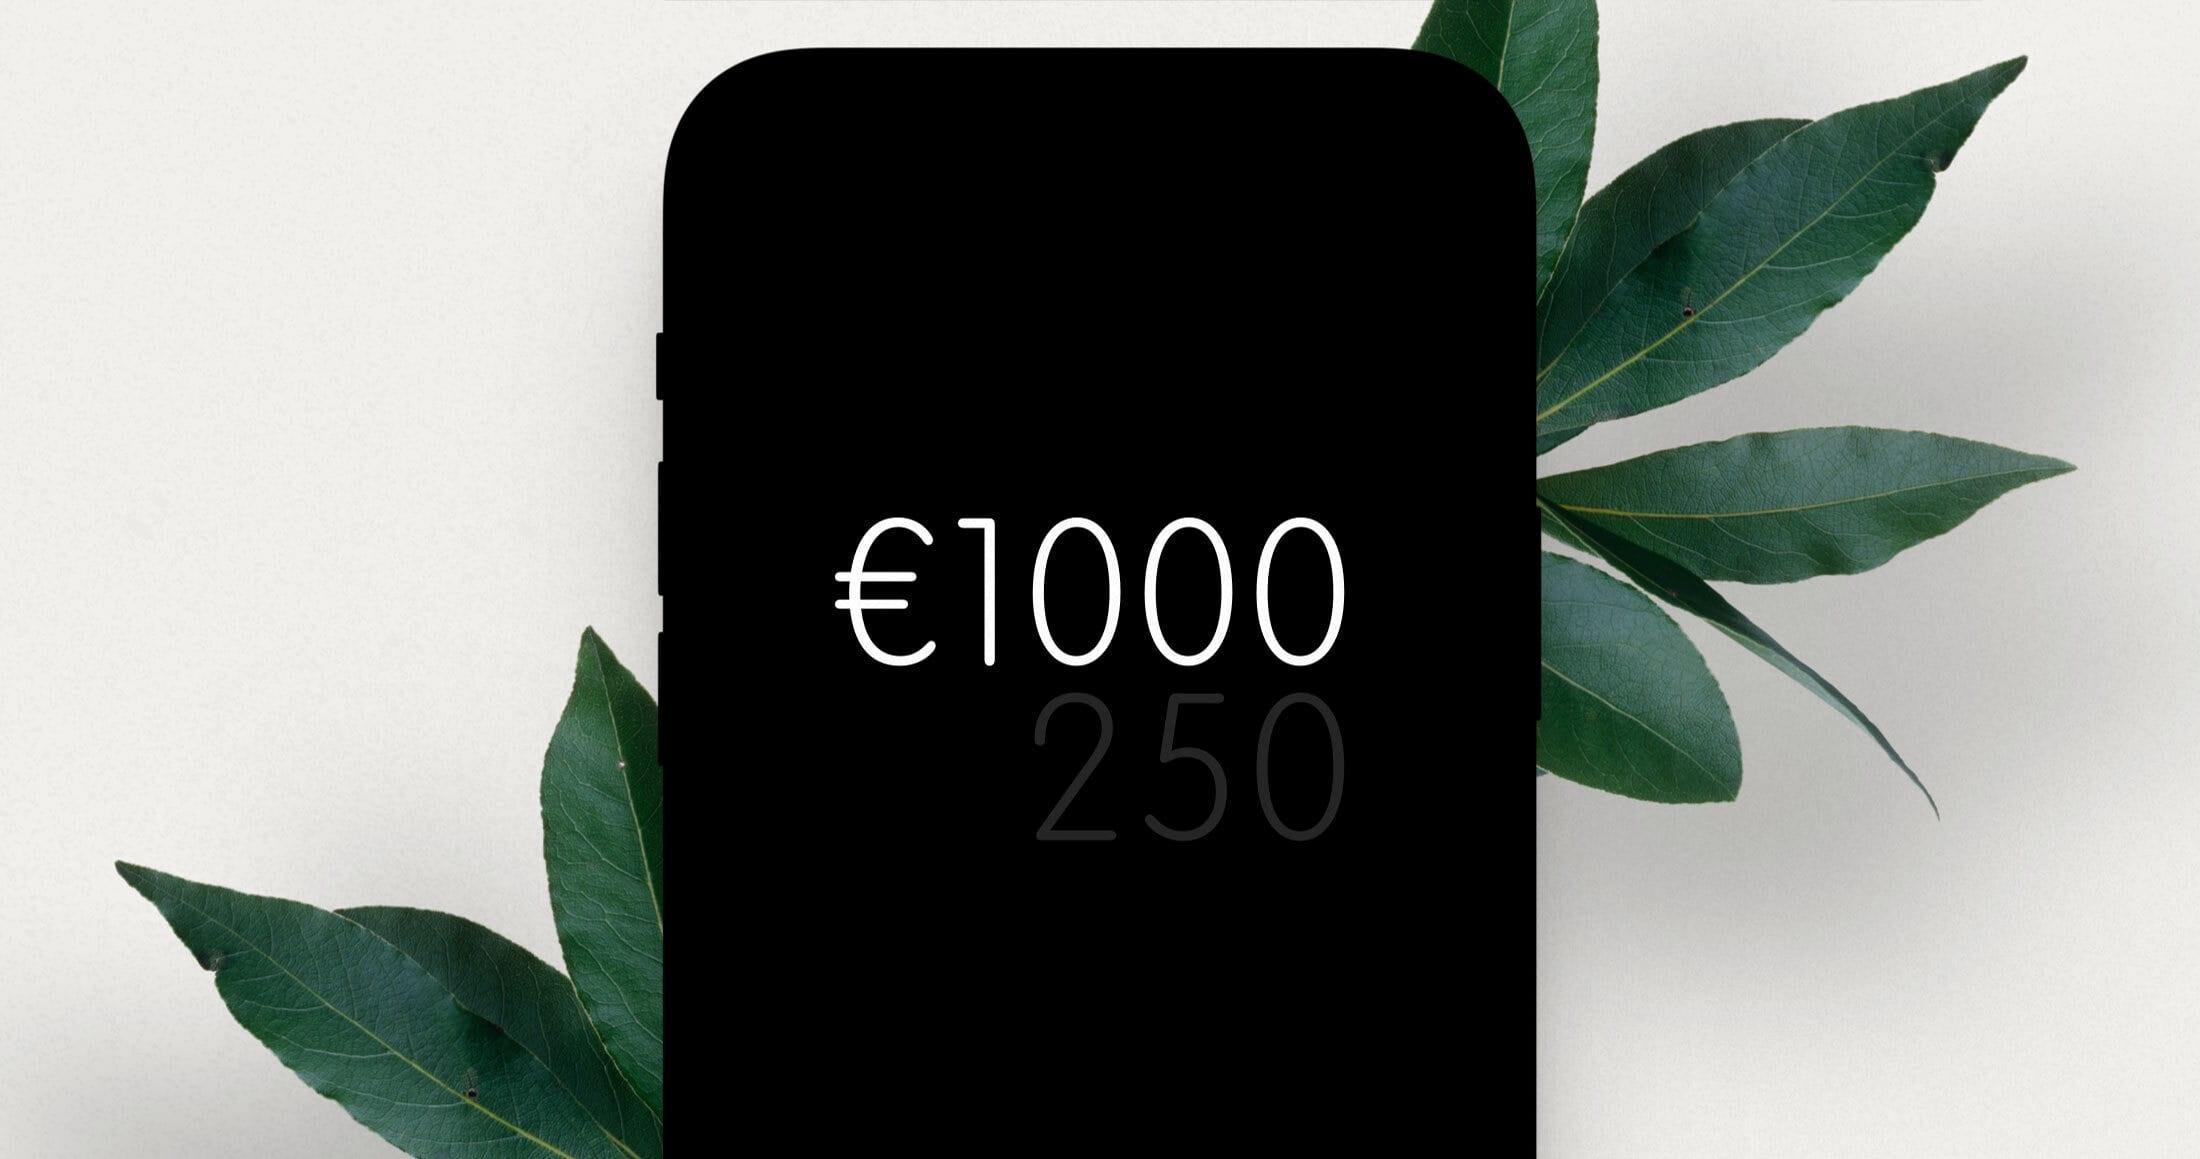 De limiet van de automatische incasso is verhoogd naar €1.000